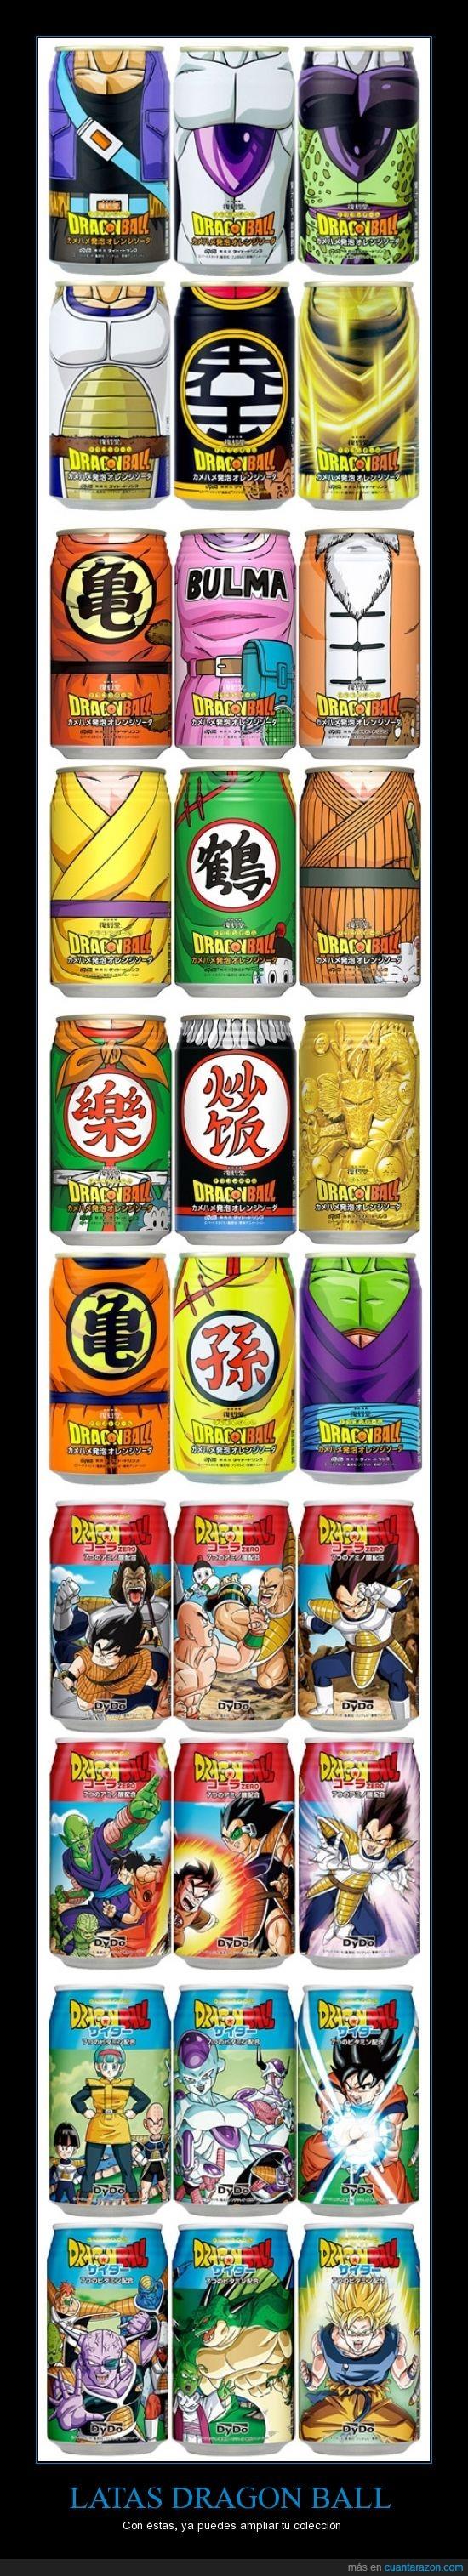 bebida,dragon ball,japón,latas